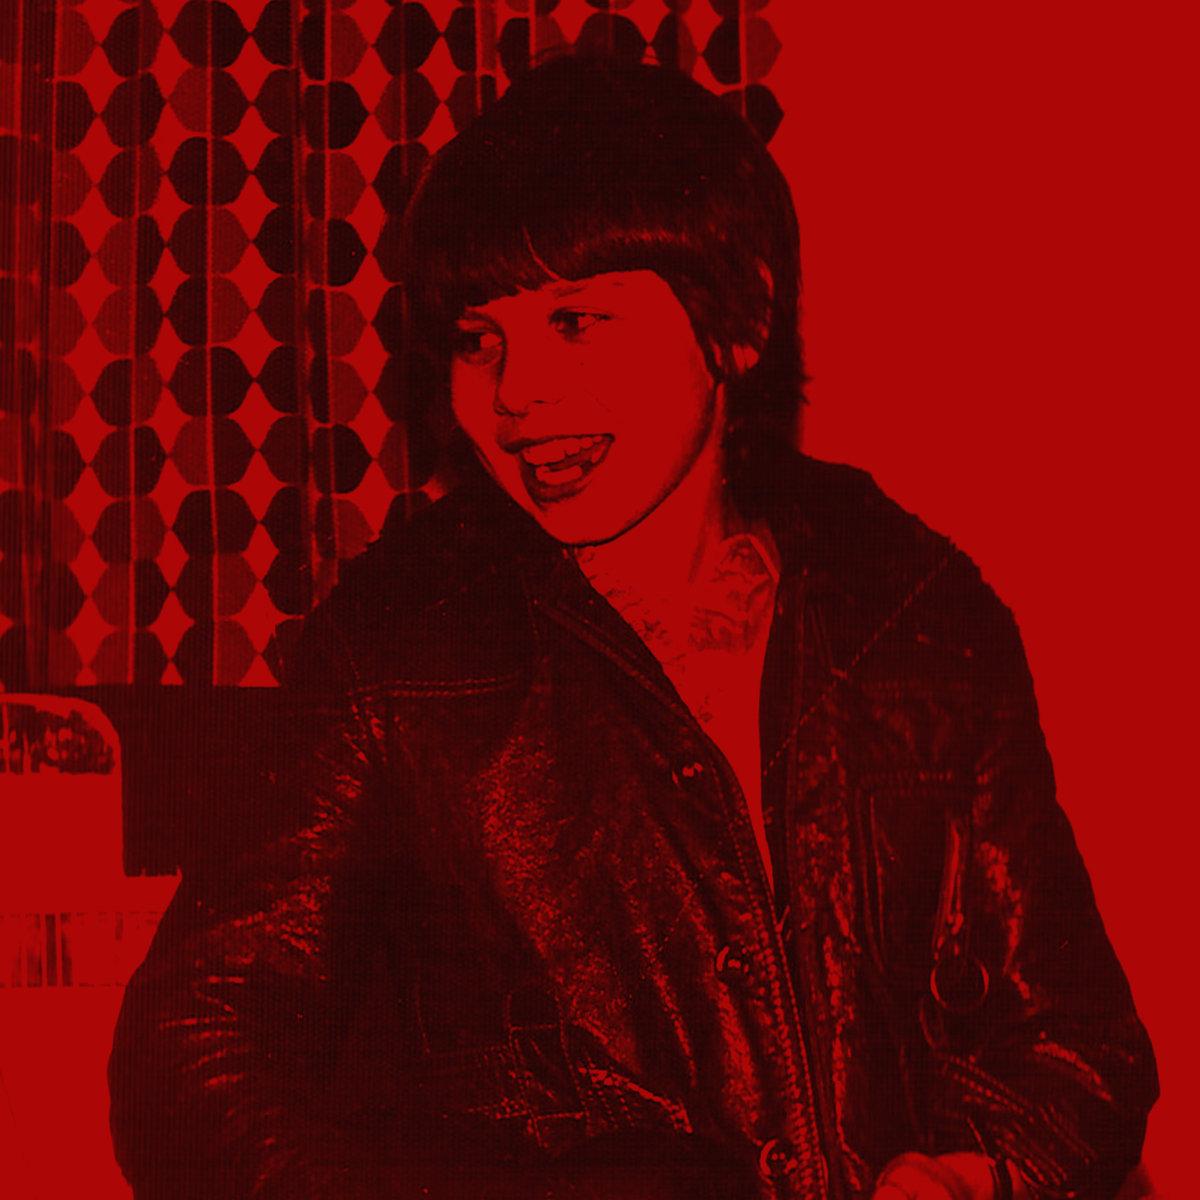 M!D! B!TCH aka Fredy Engel 1977